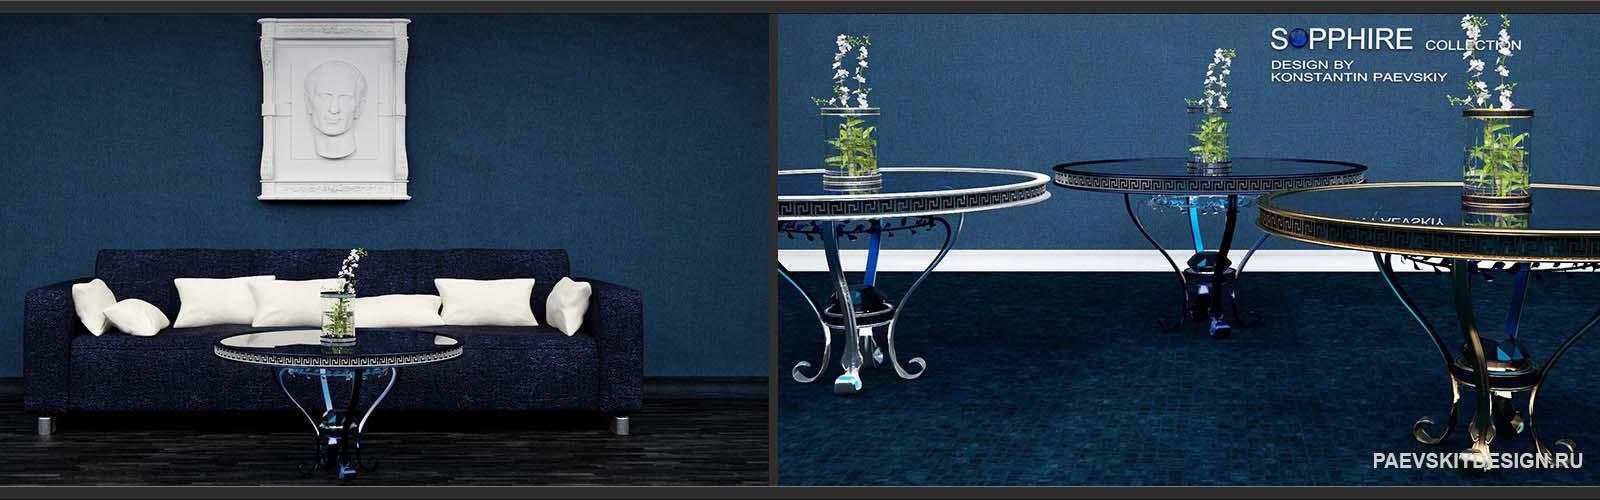 Дизайн авторской мебели - стол, ваза, софа, барельеф